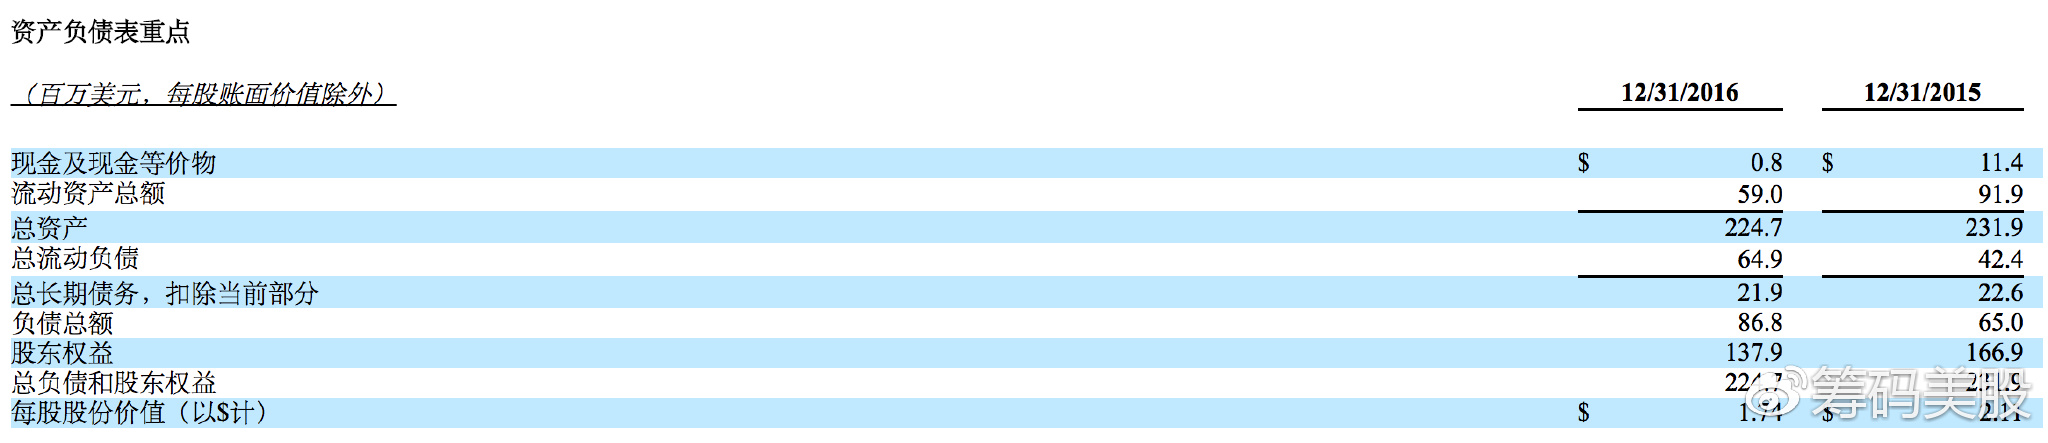 资产负债表摘要(单位:百万美元,每股账面价值除外)